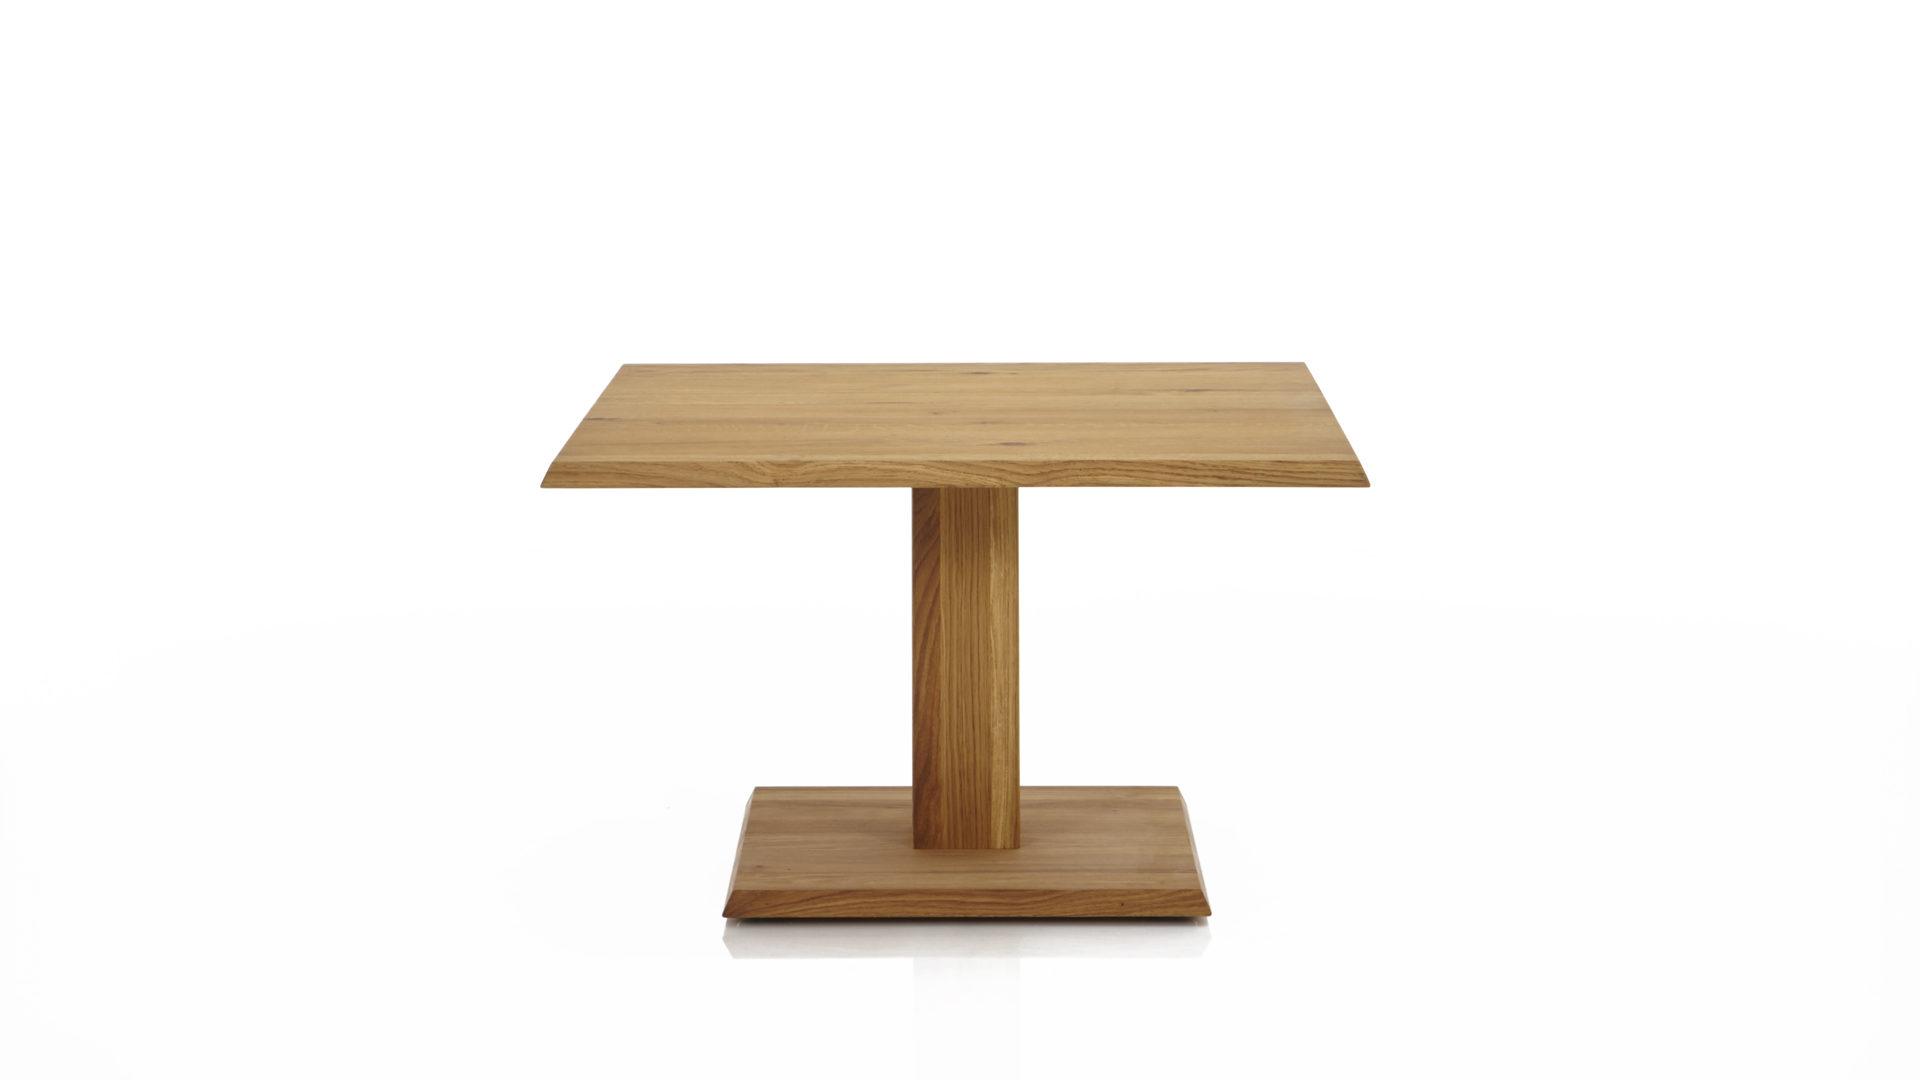 Möbel Hermes Möbel A Z Tische Couchtische Voglauer Voglauer V